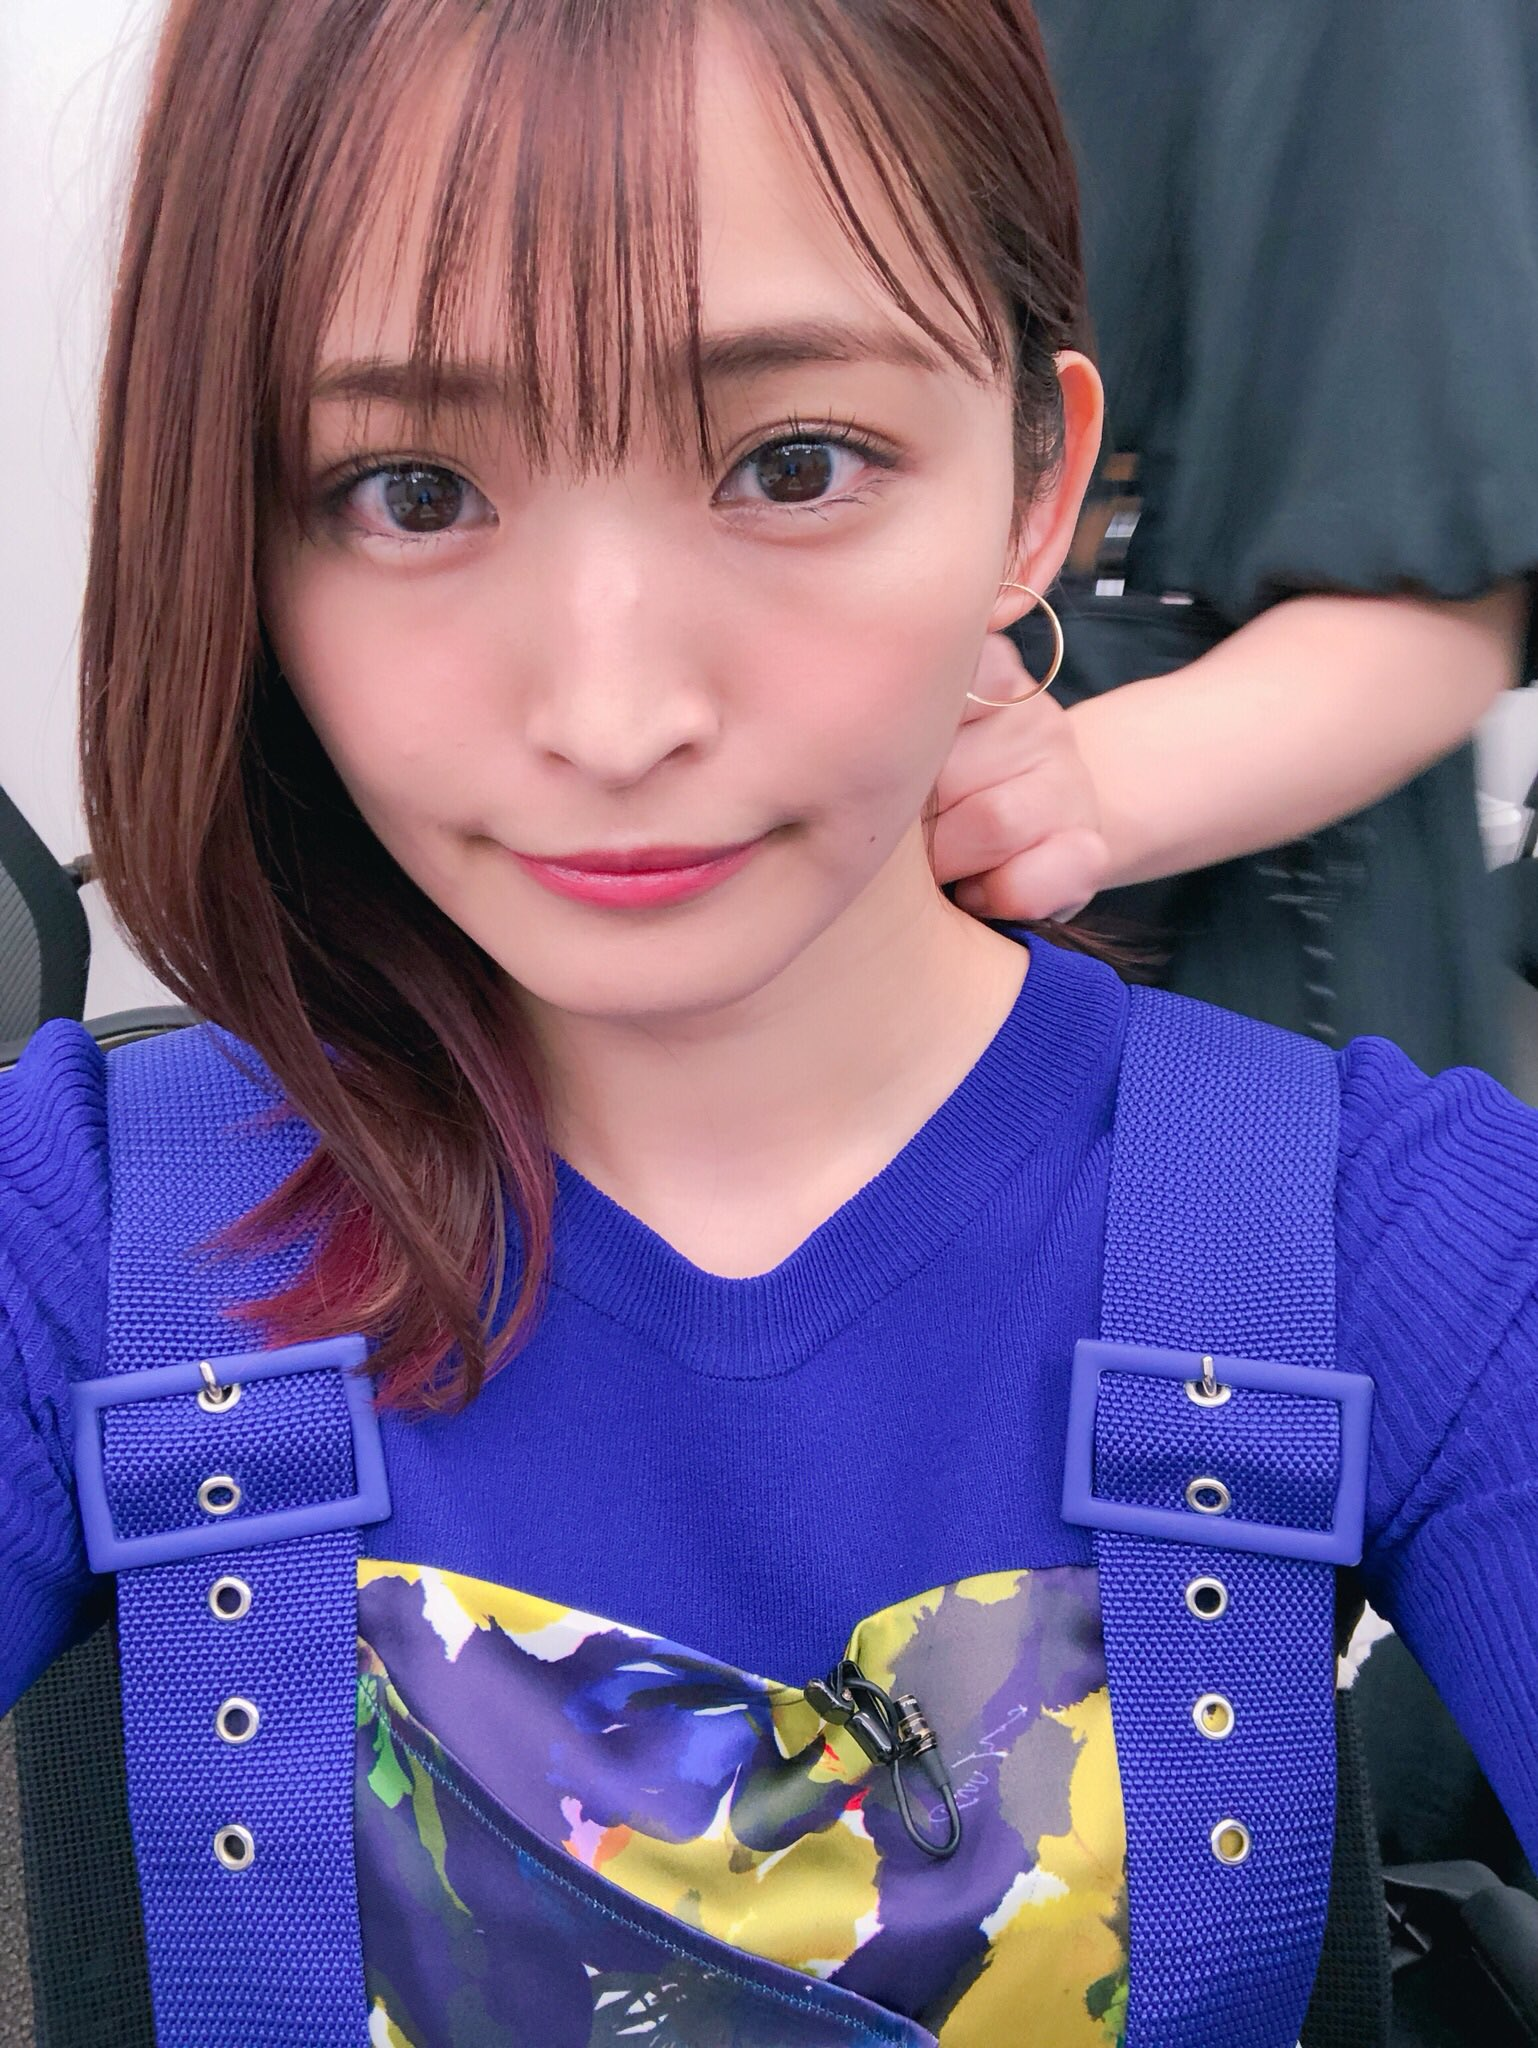 【悶絶】武田玲奈ちゃんのカワイイ画像集 - 日本下等生物禁止